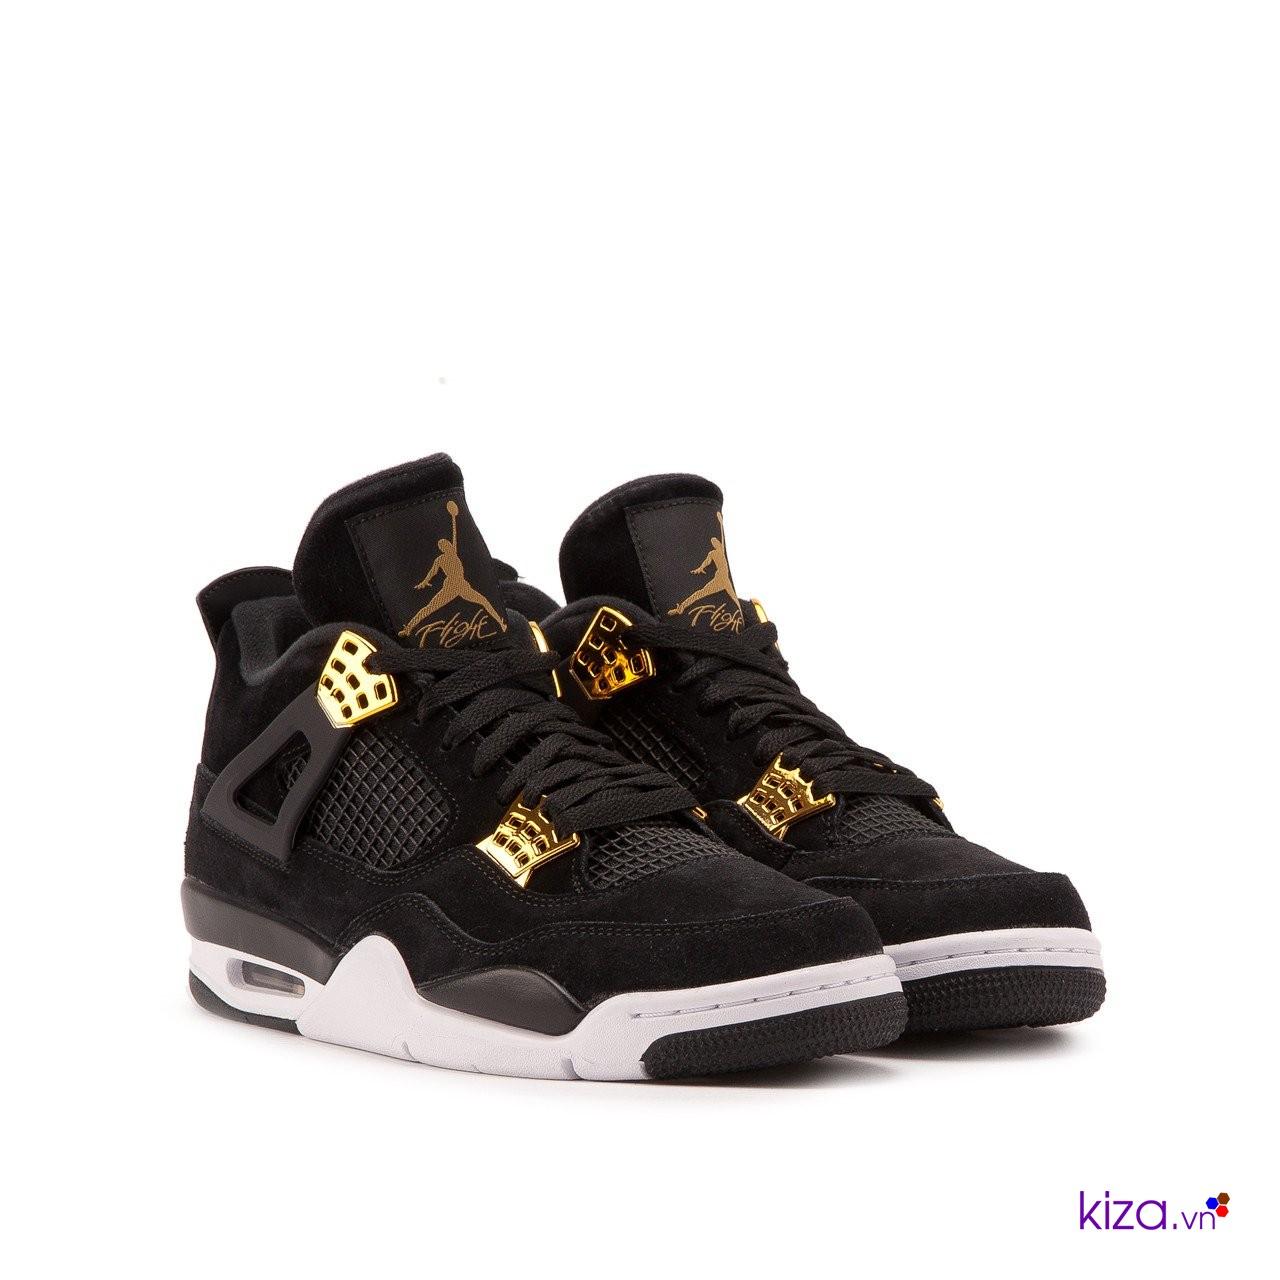 Giày Nike fake đẹp mà các bạn nam nên có